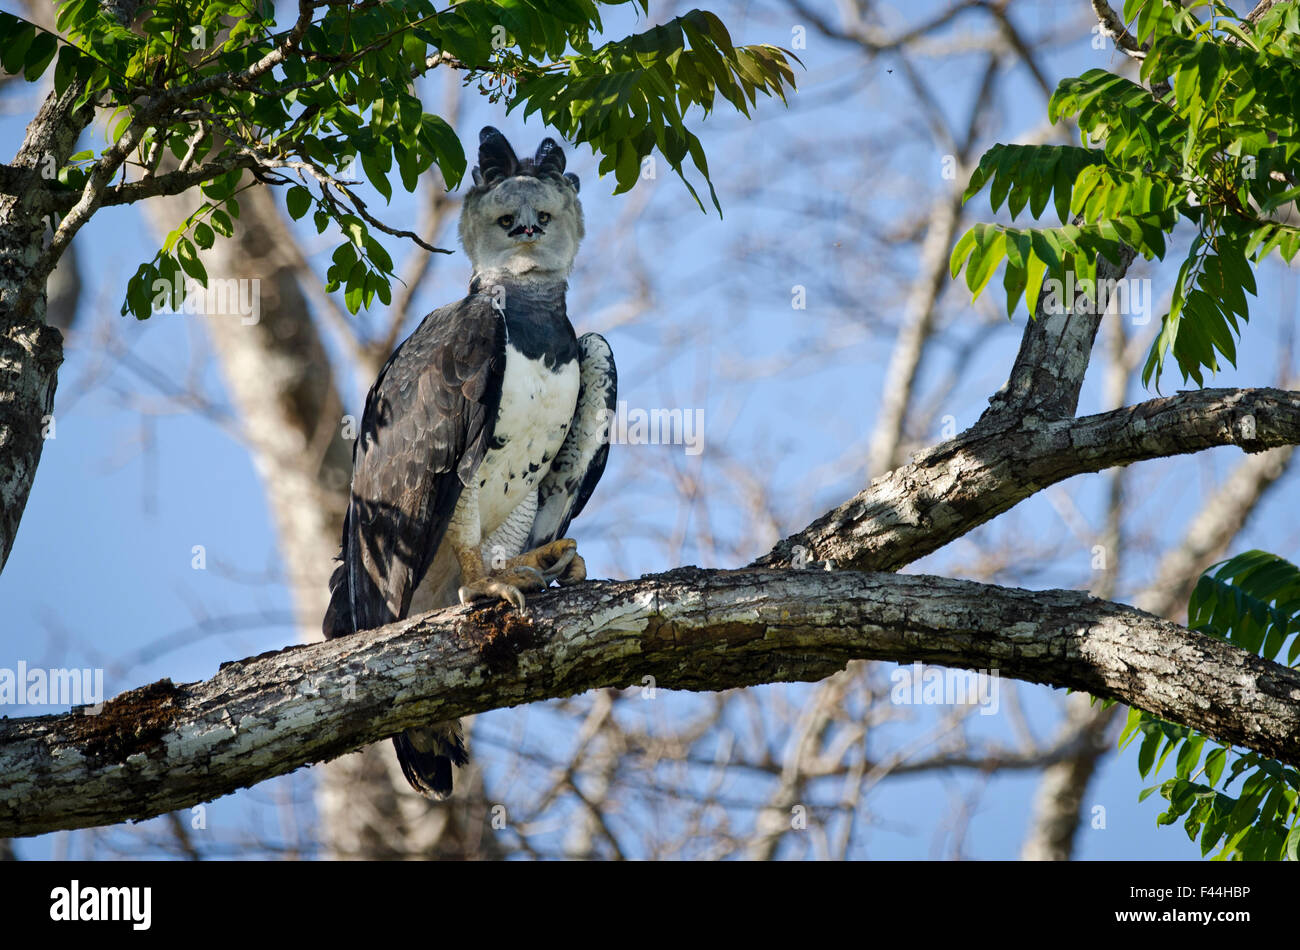 Femme Harpie (Harpia harpyja) perché près de son nid. Pousada Currupira d'Araras, au sud-ouest du Photo Stock